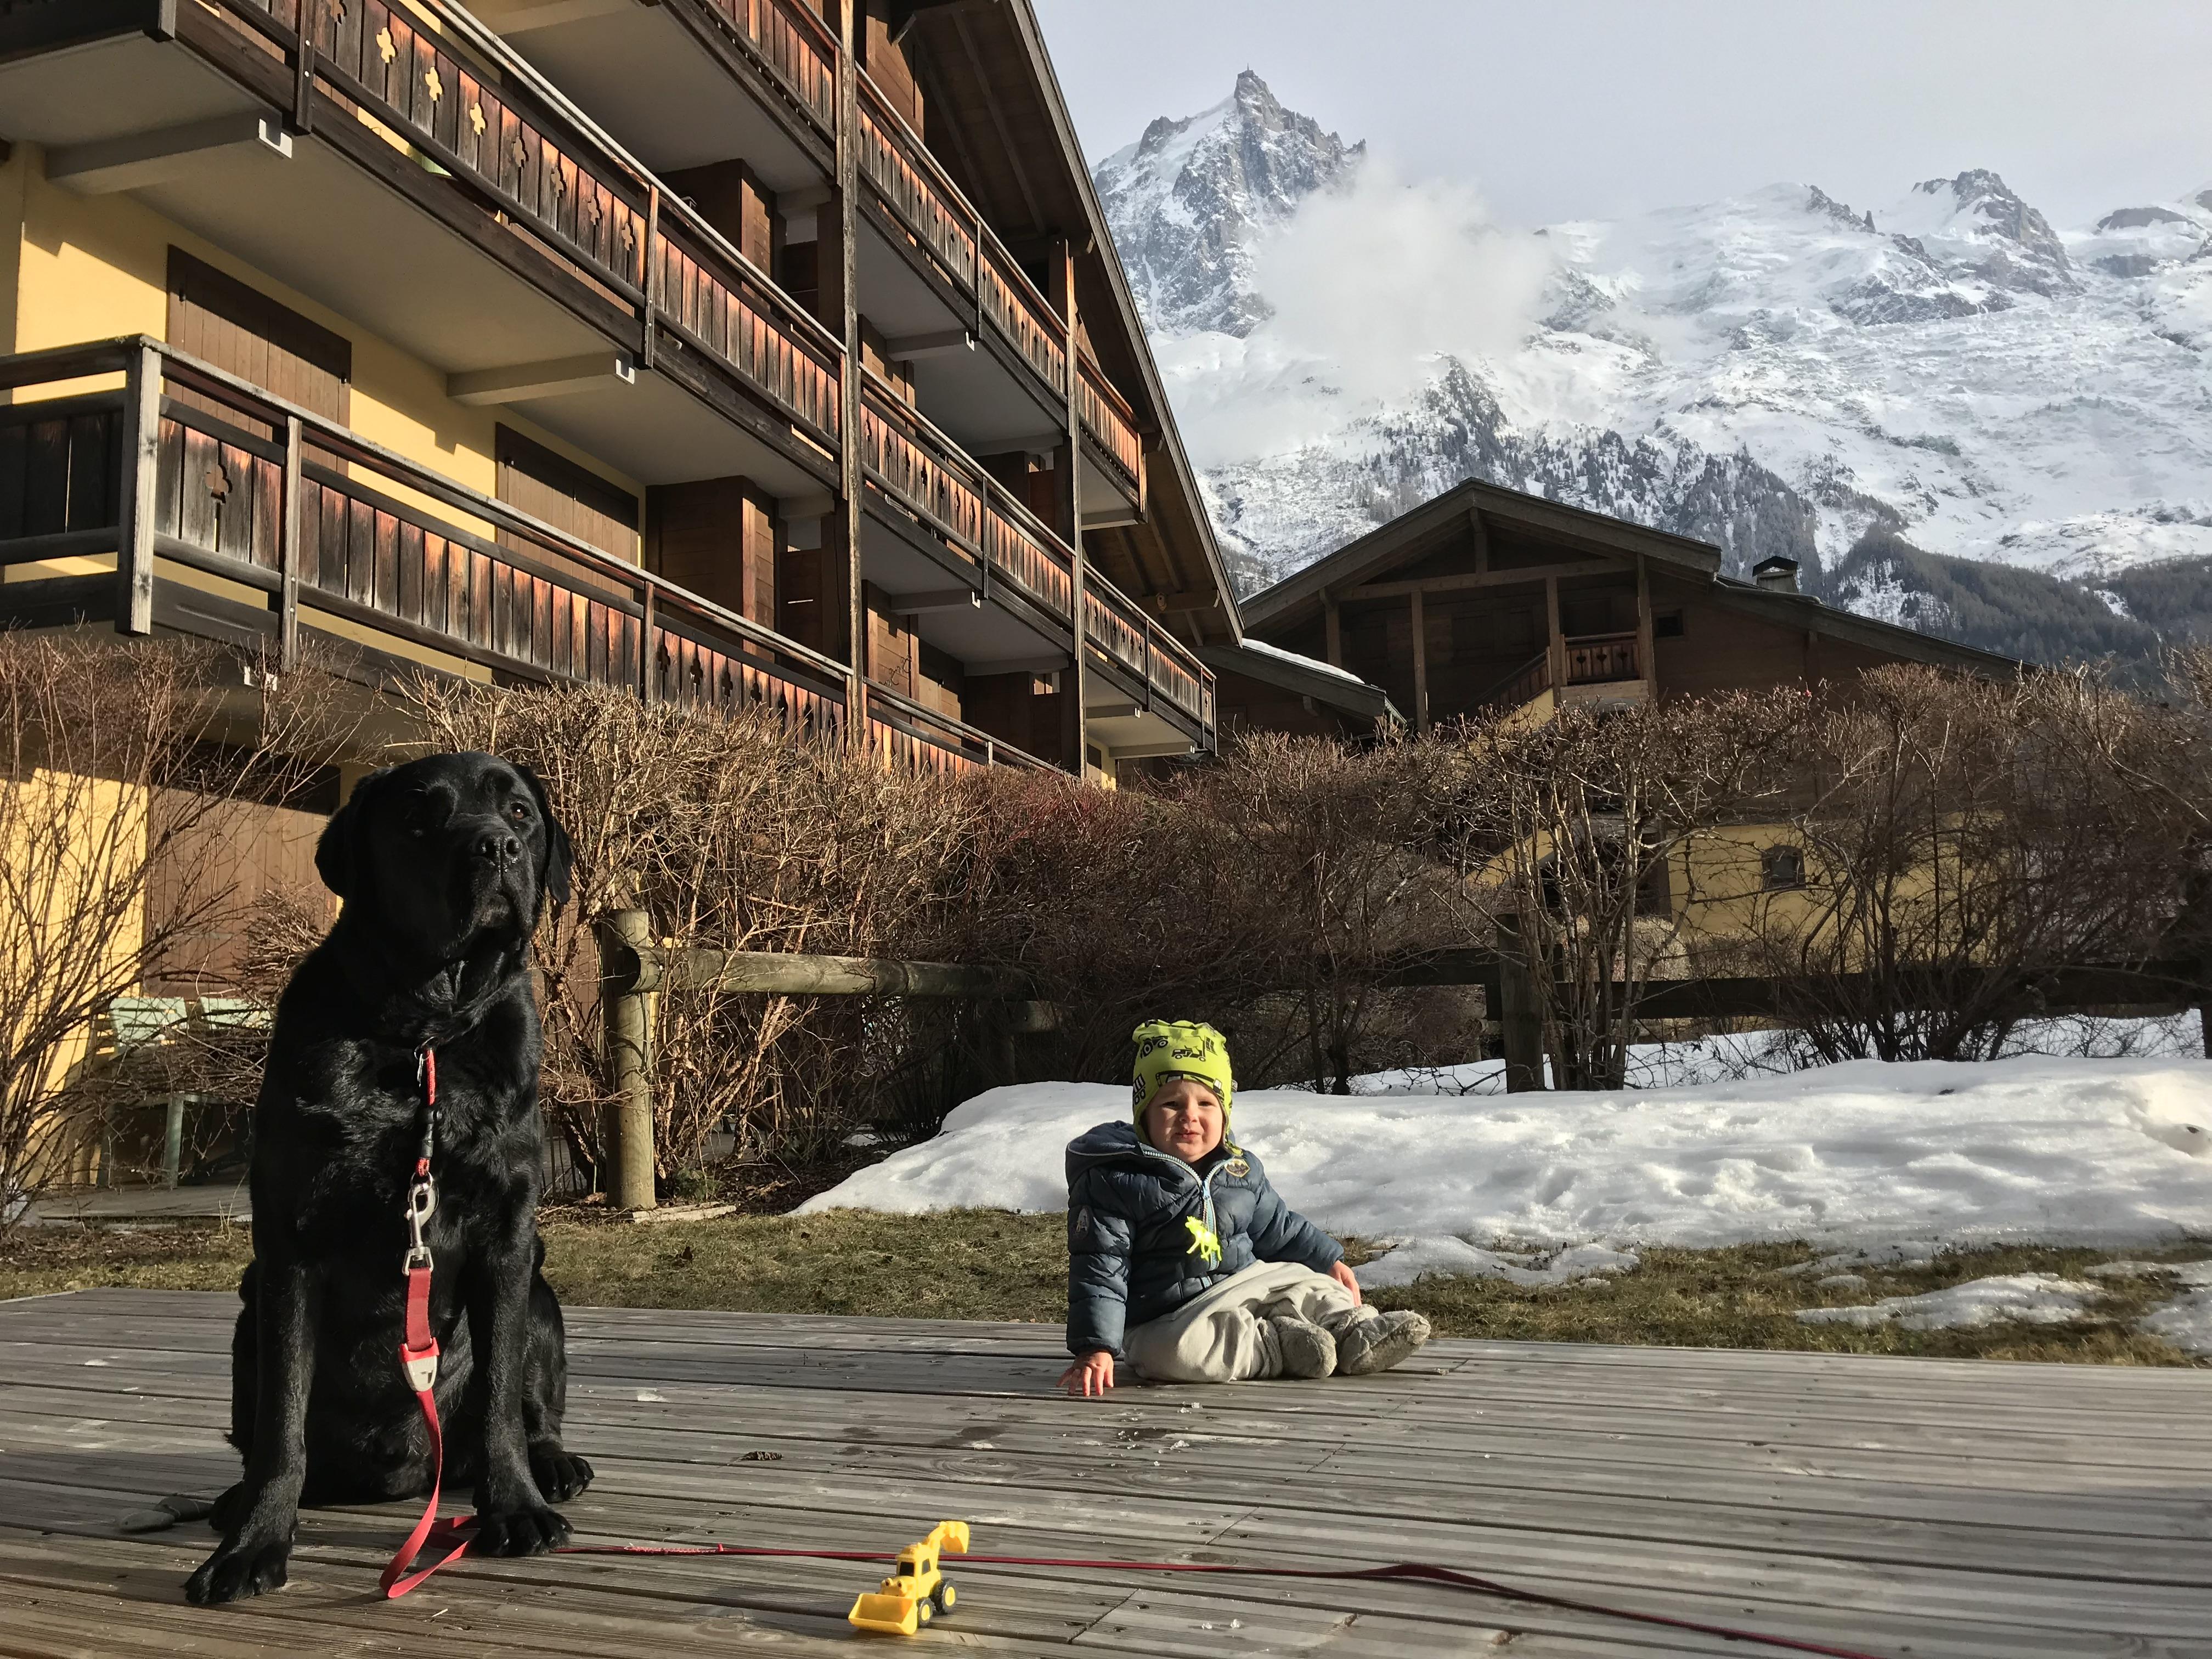 Elliott sitter på uteterassen med hunden Lipton. I bakgrunden de snörika franska alperna